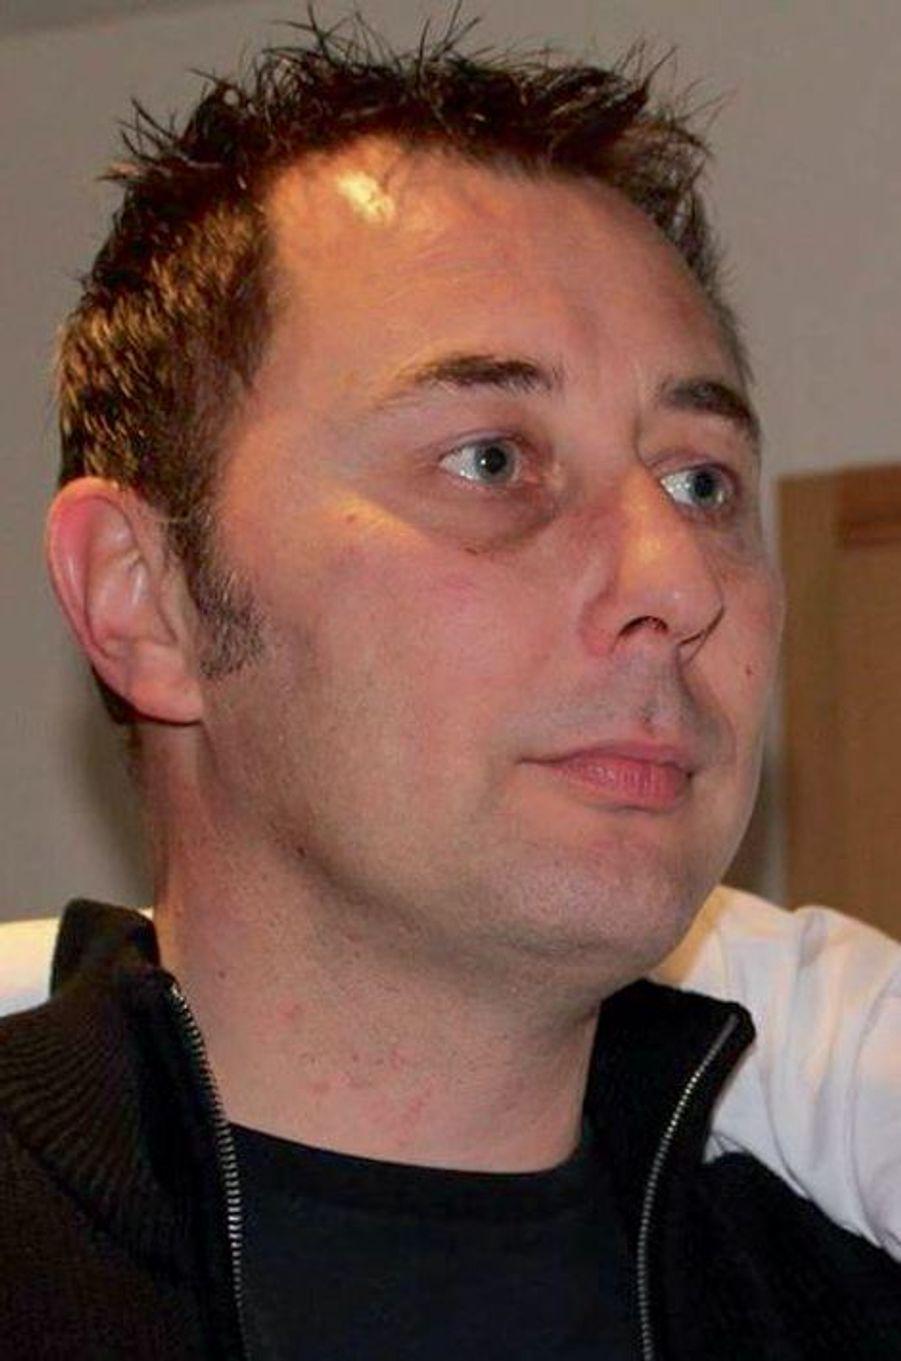 Frédéric, 45 ans, étaitemployé de la Banque de France à Cergy, père de deux enfants. Il était au Bataclan avec sa compagne Stéphanie, blessée.